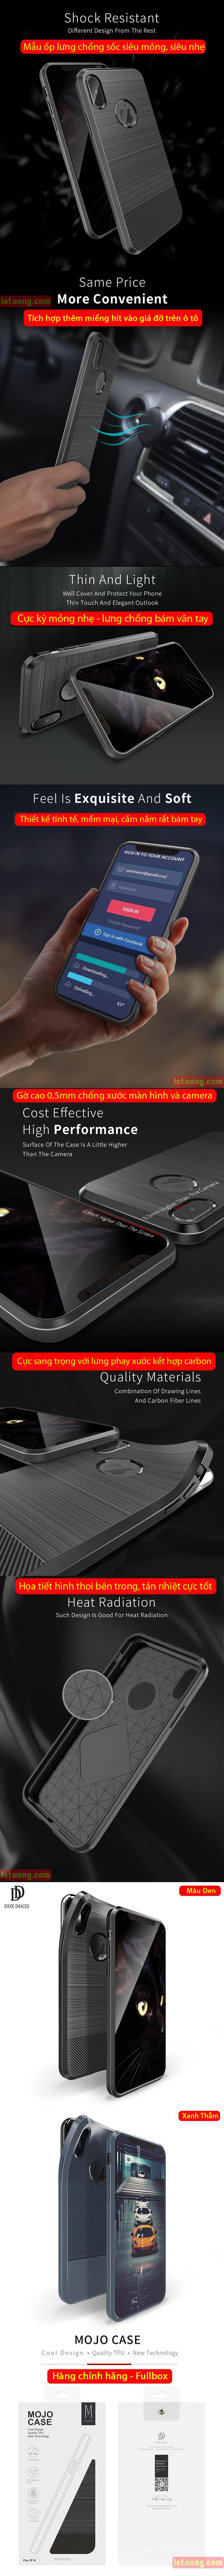 Ốp lưng iPhone X / Xs Dux Ducis Mojo Case nhựa mềm, chống sốc 6